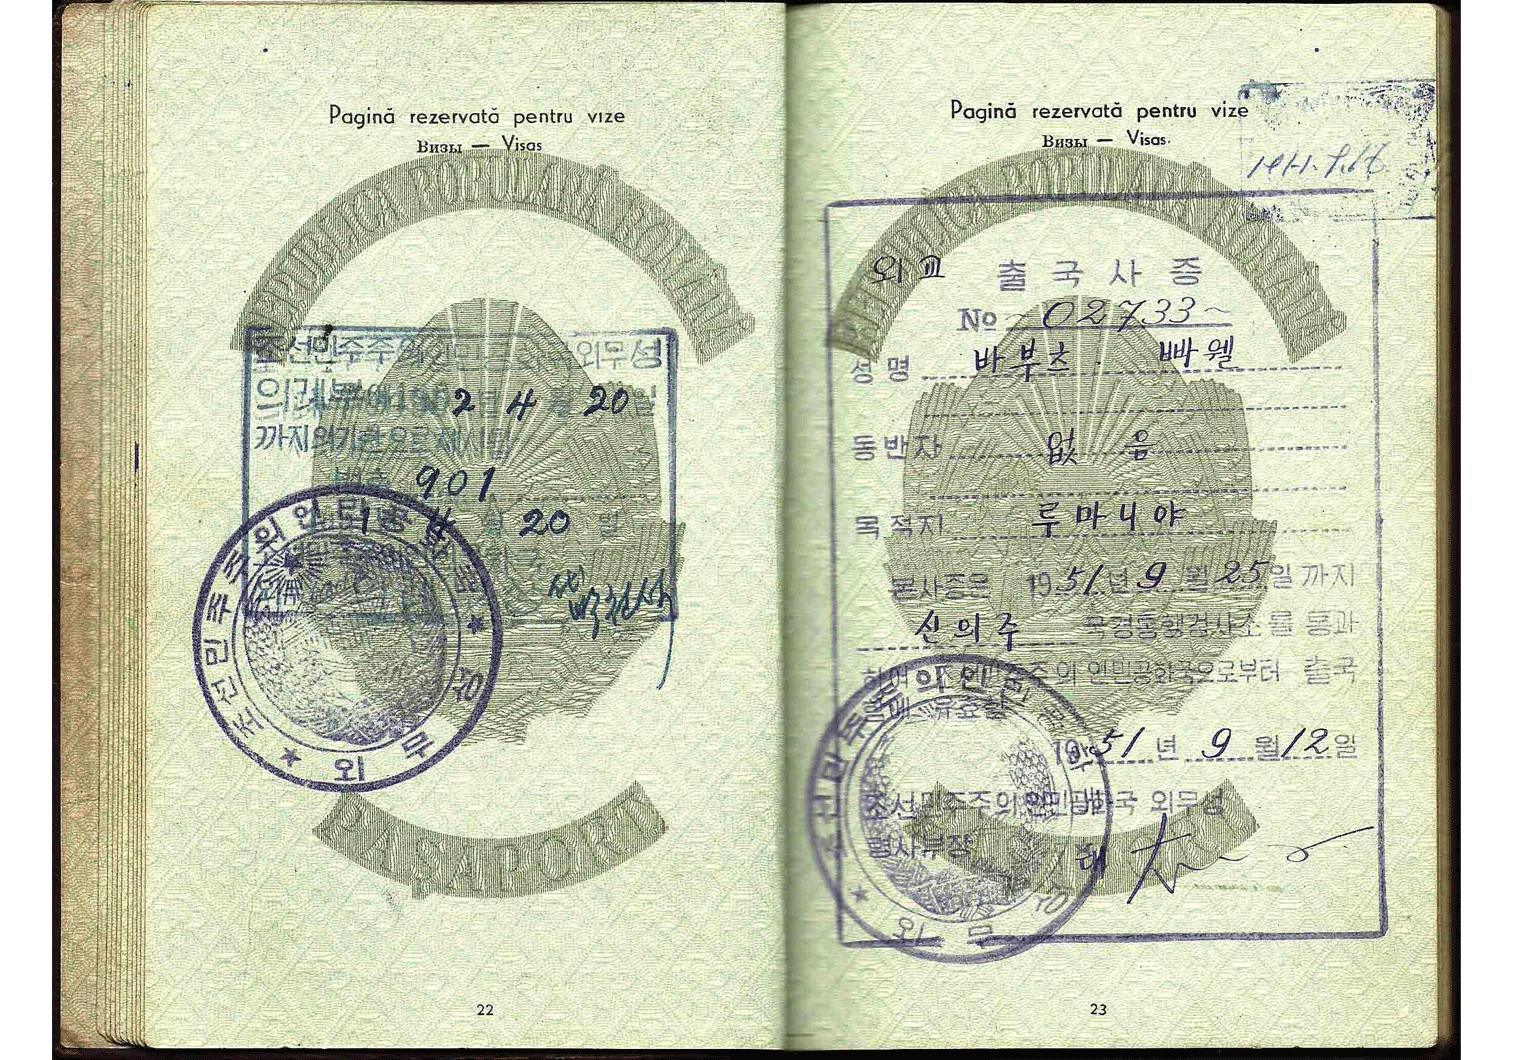 1951 North Korean diplomatic visa inside a passport